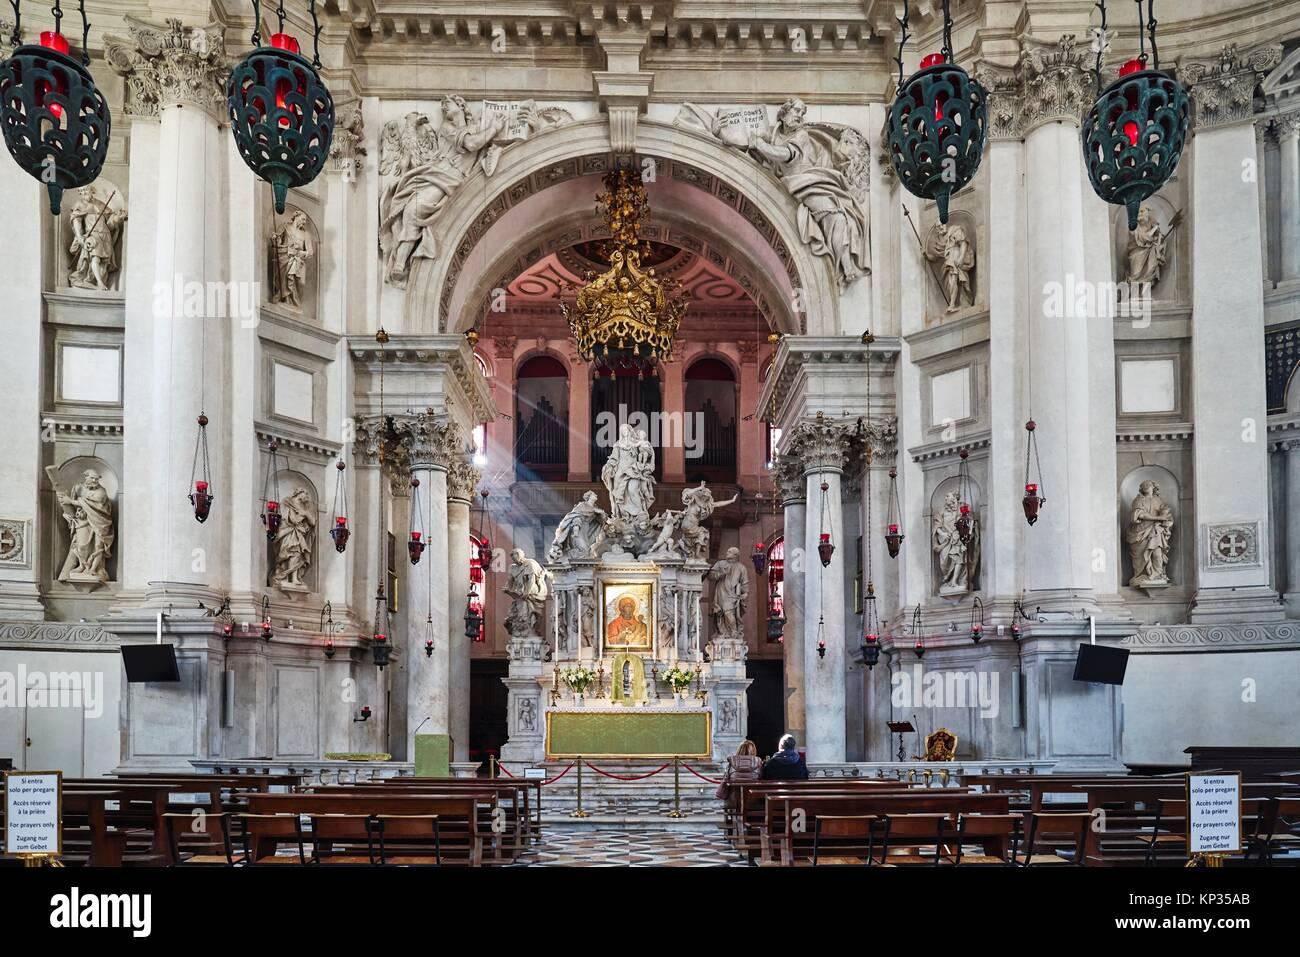 The interior of Santa Maria della Salute Church in Venice, Italy - Stock Image